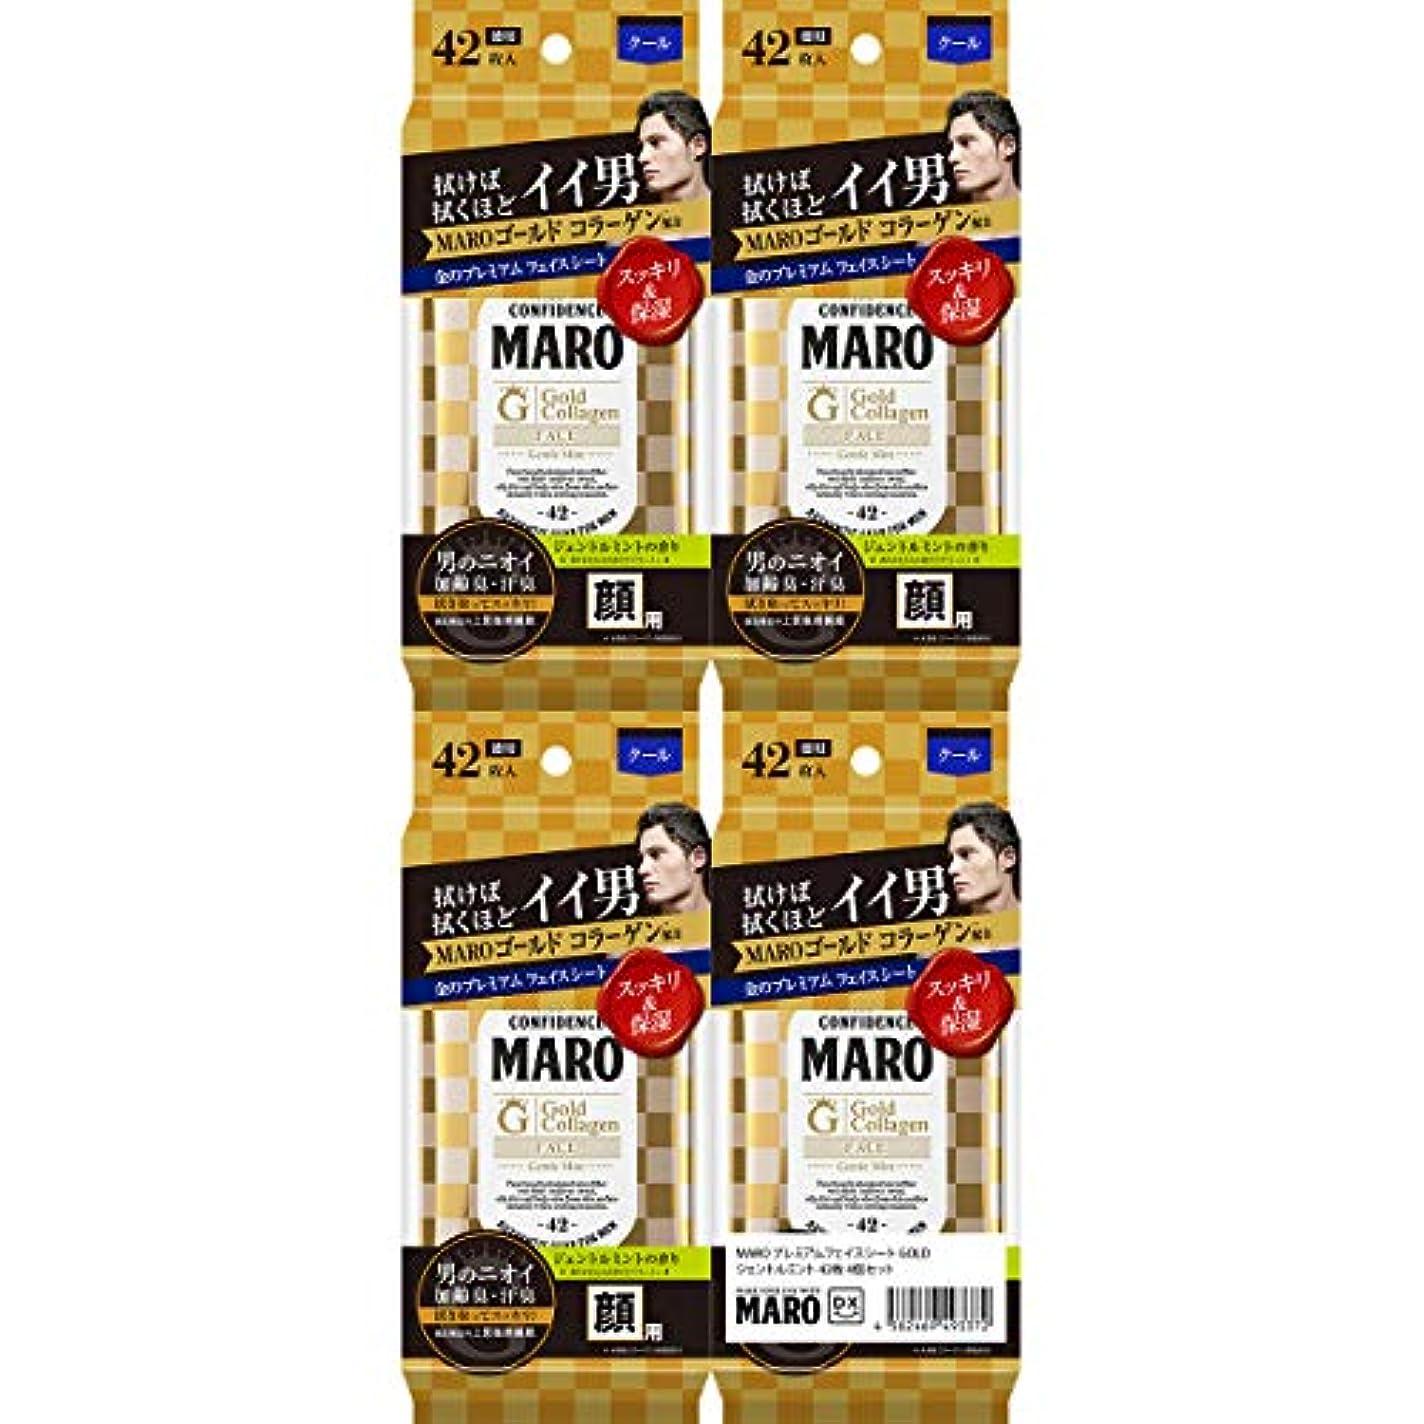 サロン神風が強い[Amazon限定ブランド] MARO DX プレミアム フェイスシート GOLD ジェントルミントの香り 42枚×4